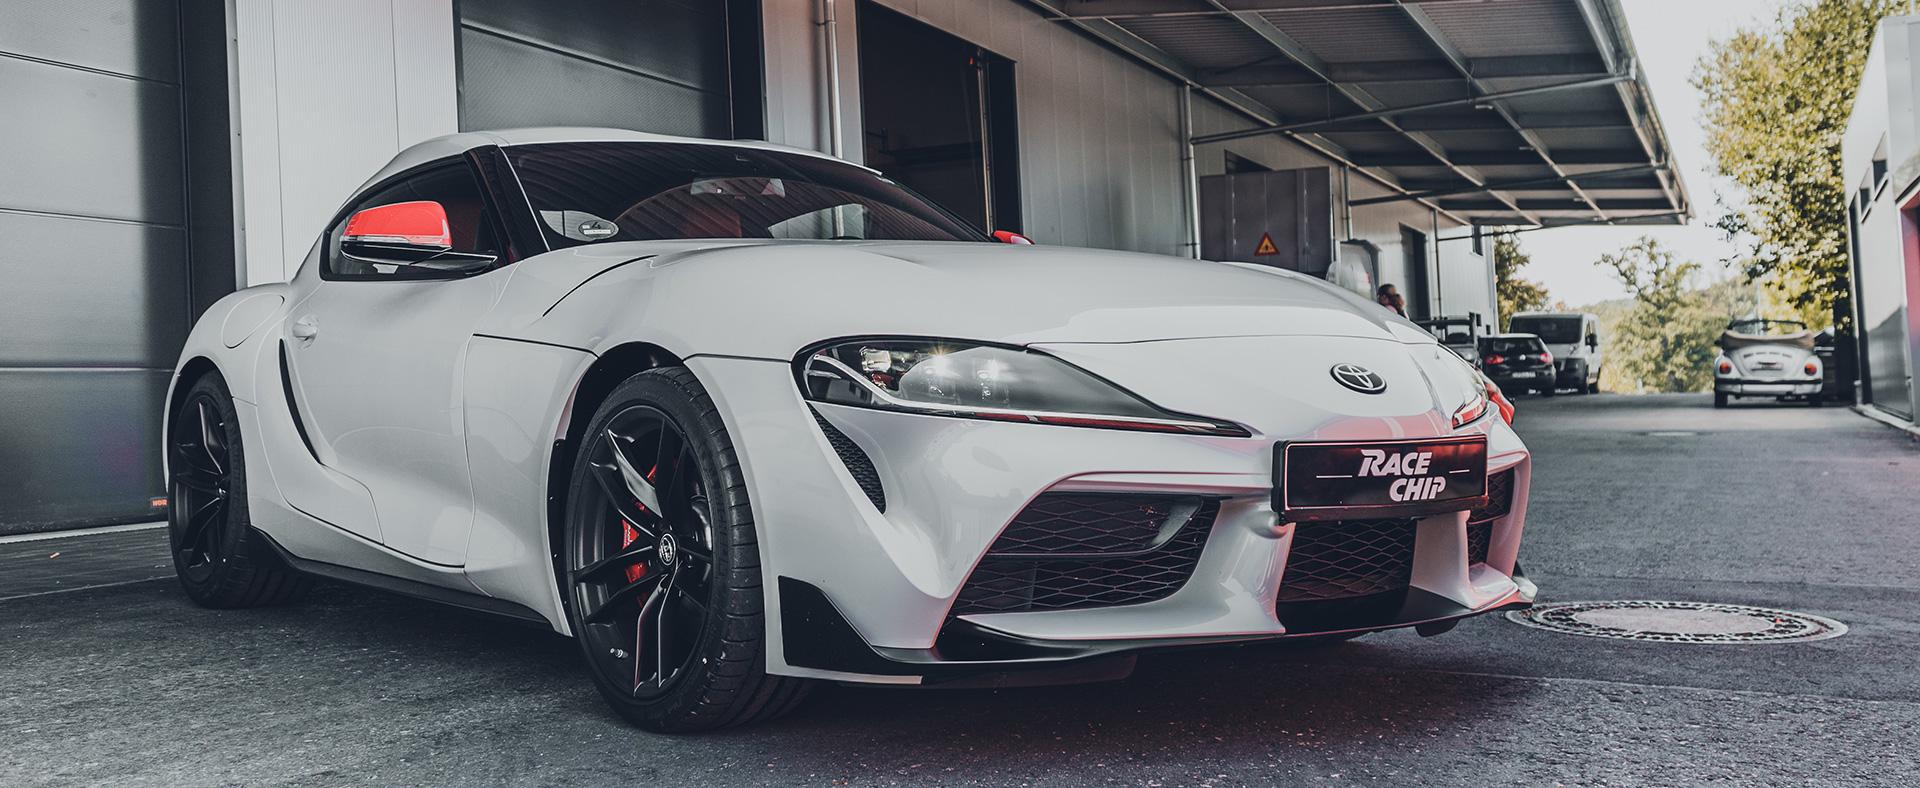 Toyota Supra 3.0 – Chiptuning / Dyno / Beschleunigungsmessung 100-200